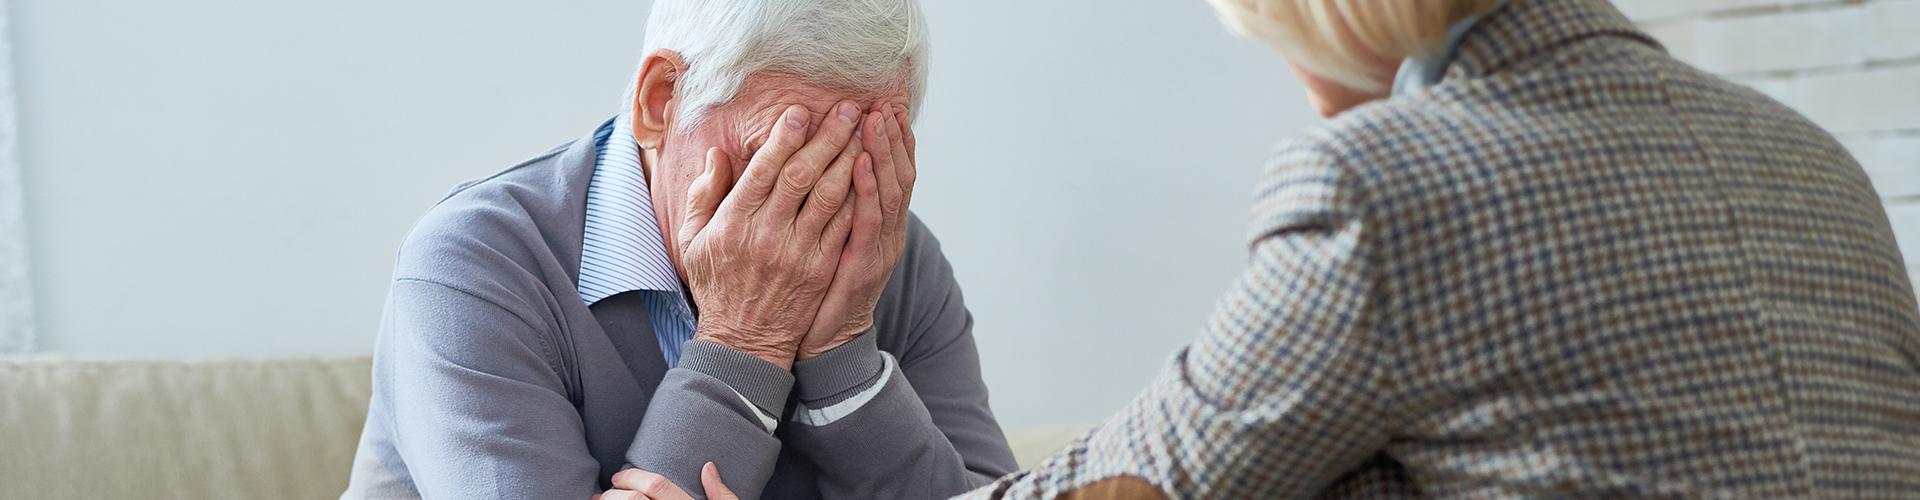 therapist comforts elder patient